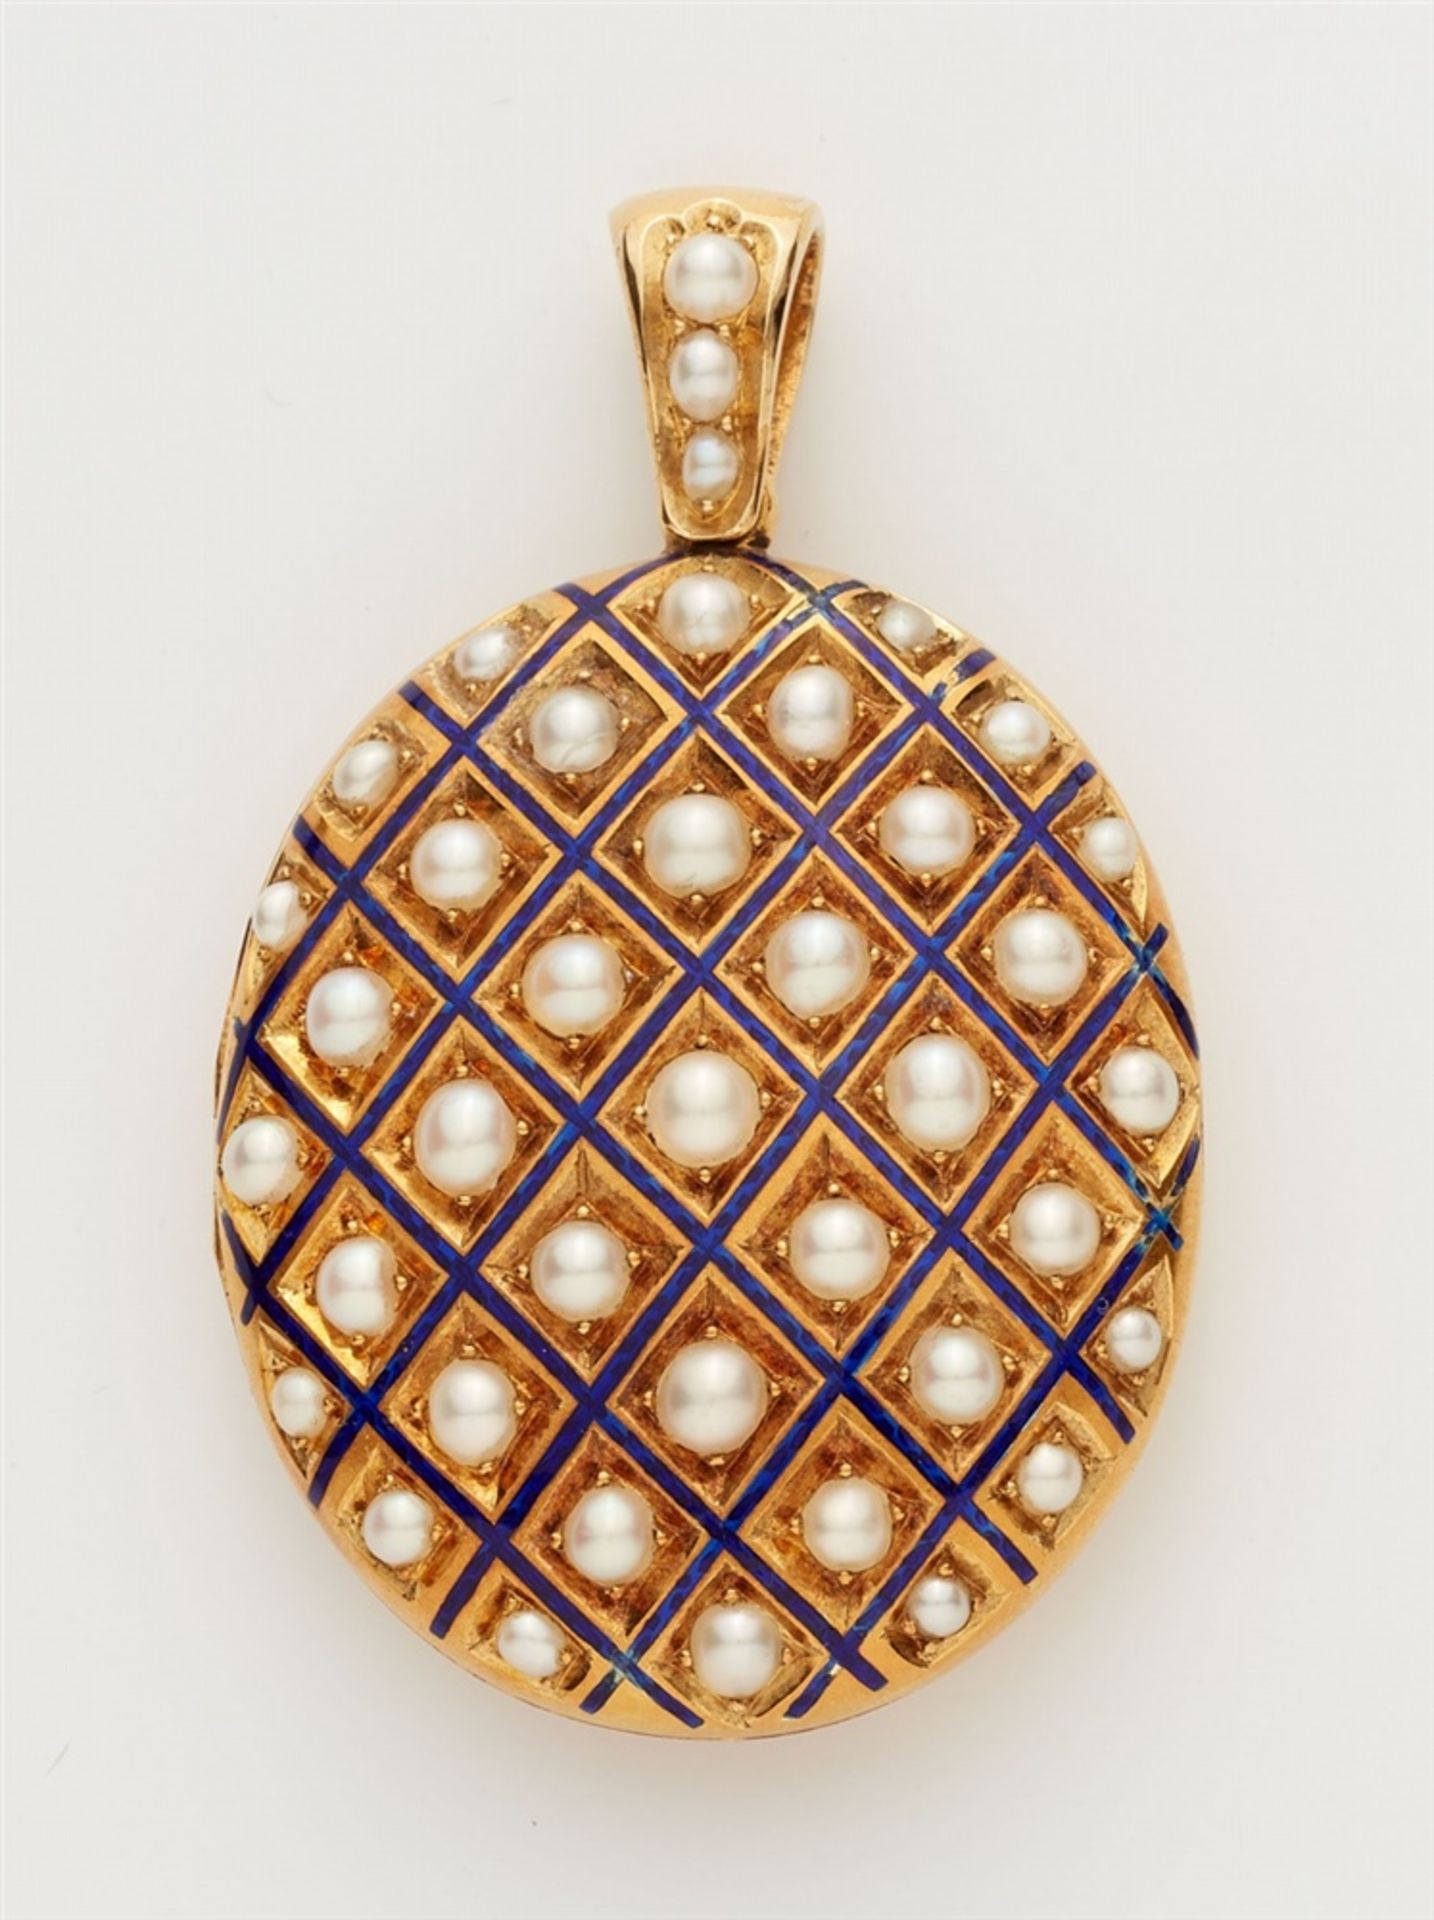 Medaillonanhänger mit Perlen